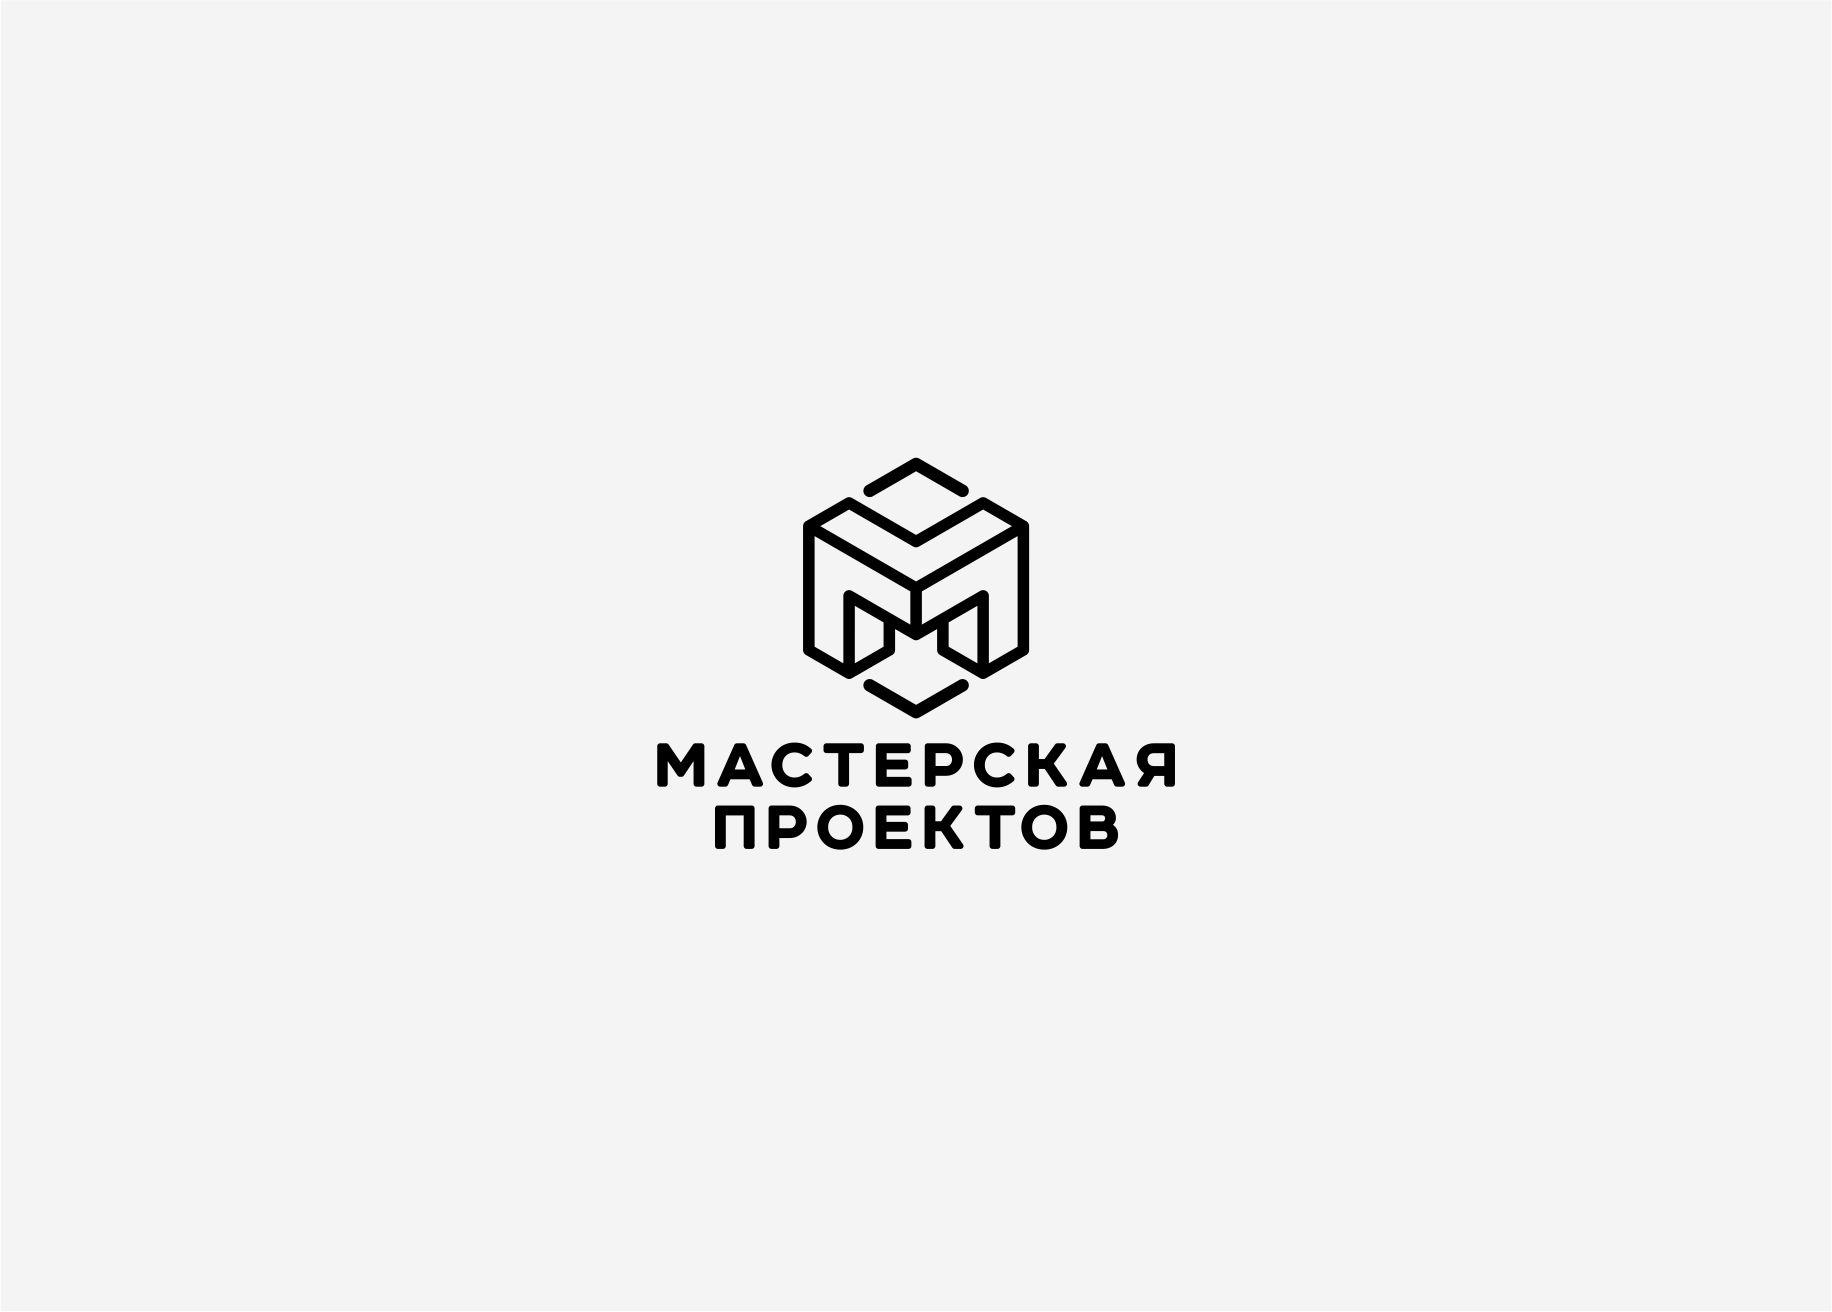 Разработка логотипа строительно-мебельного проекта (см. опис фото f_539606d8a8d65660.jpg